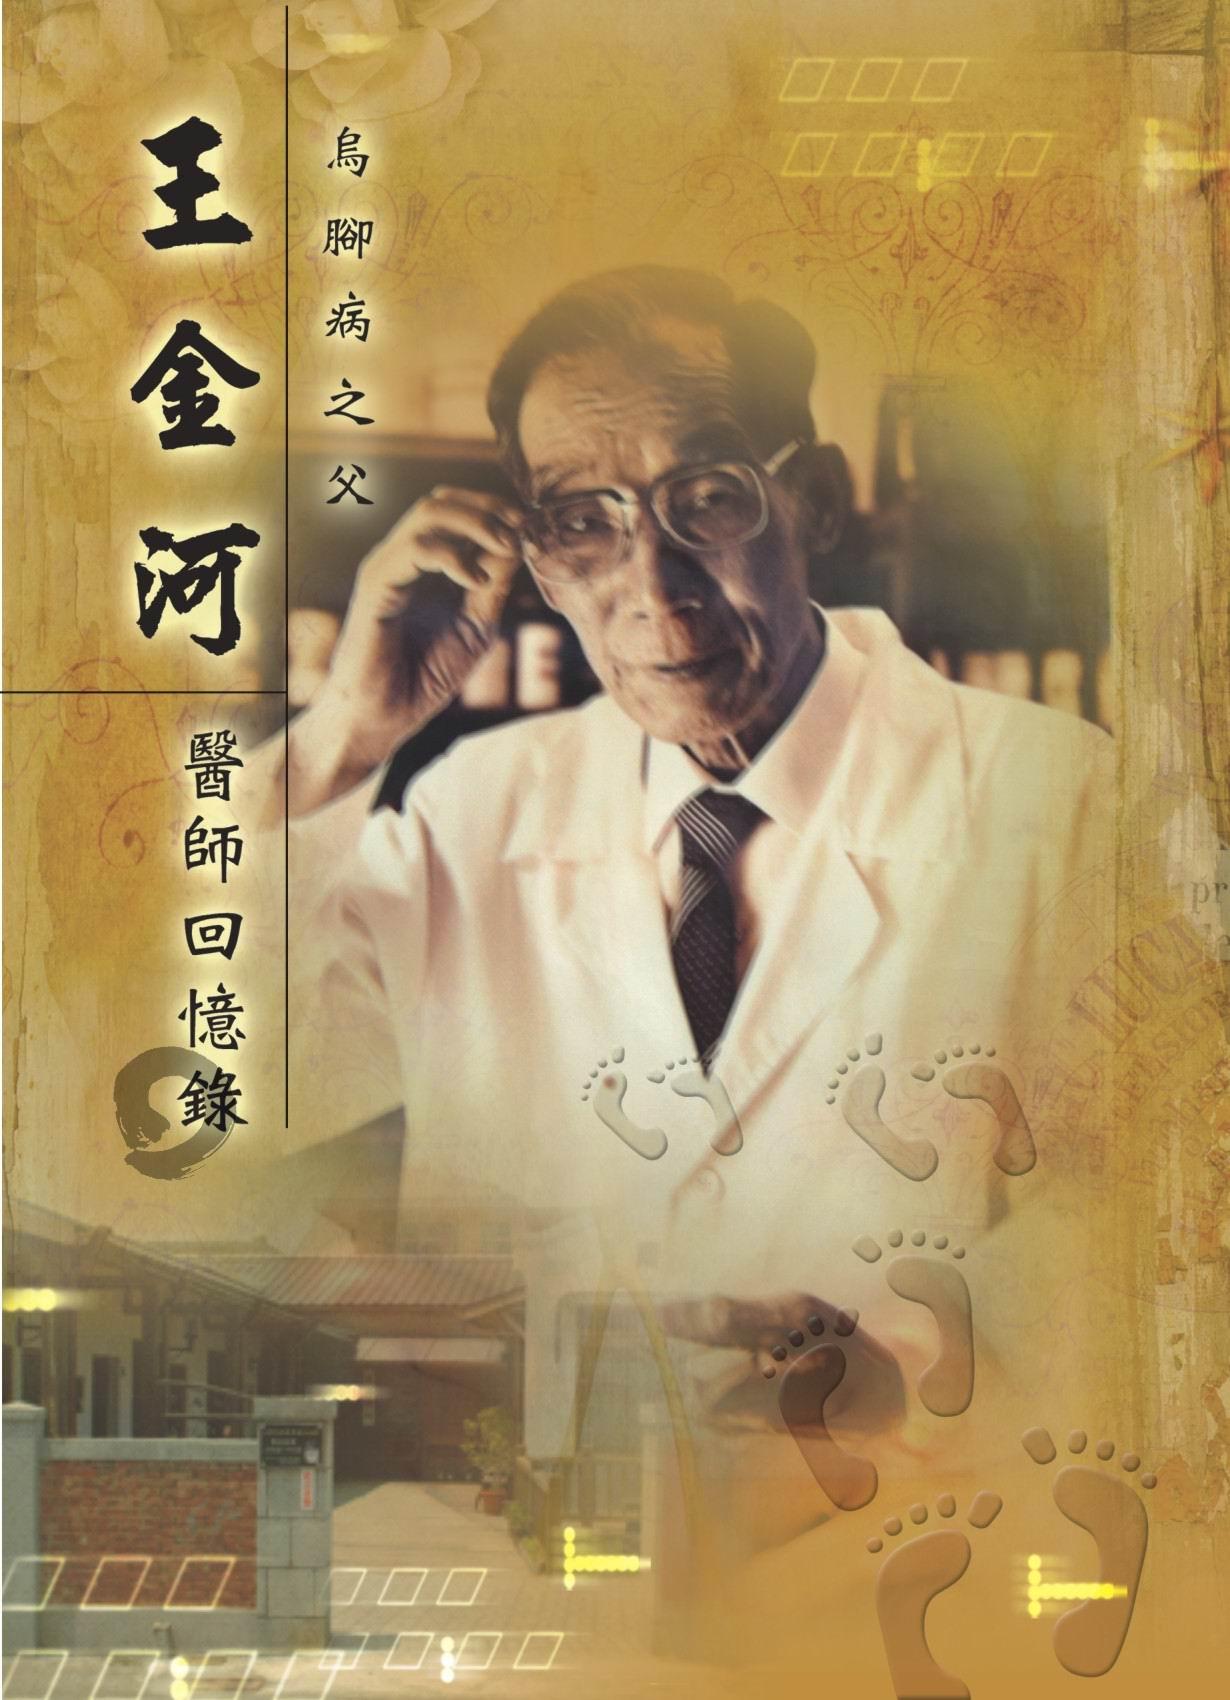 烏腳病之父王金河醫師回憶錄